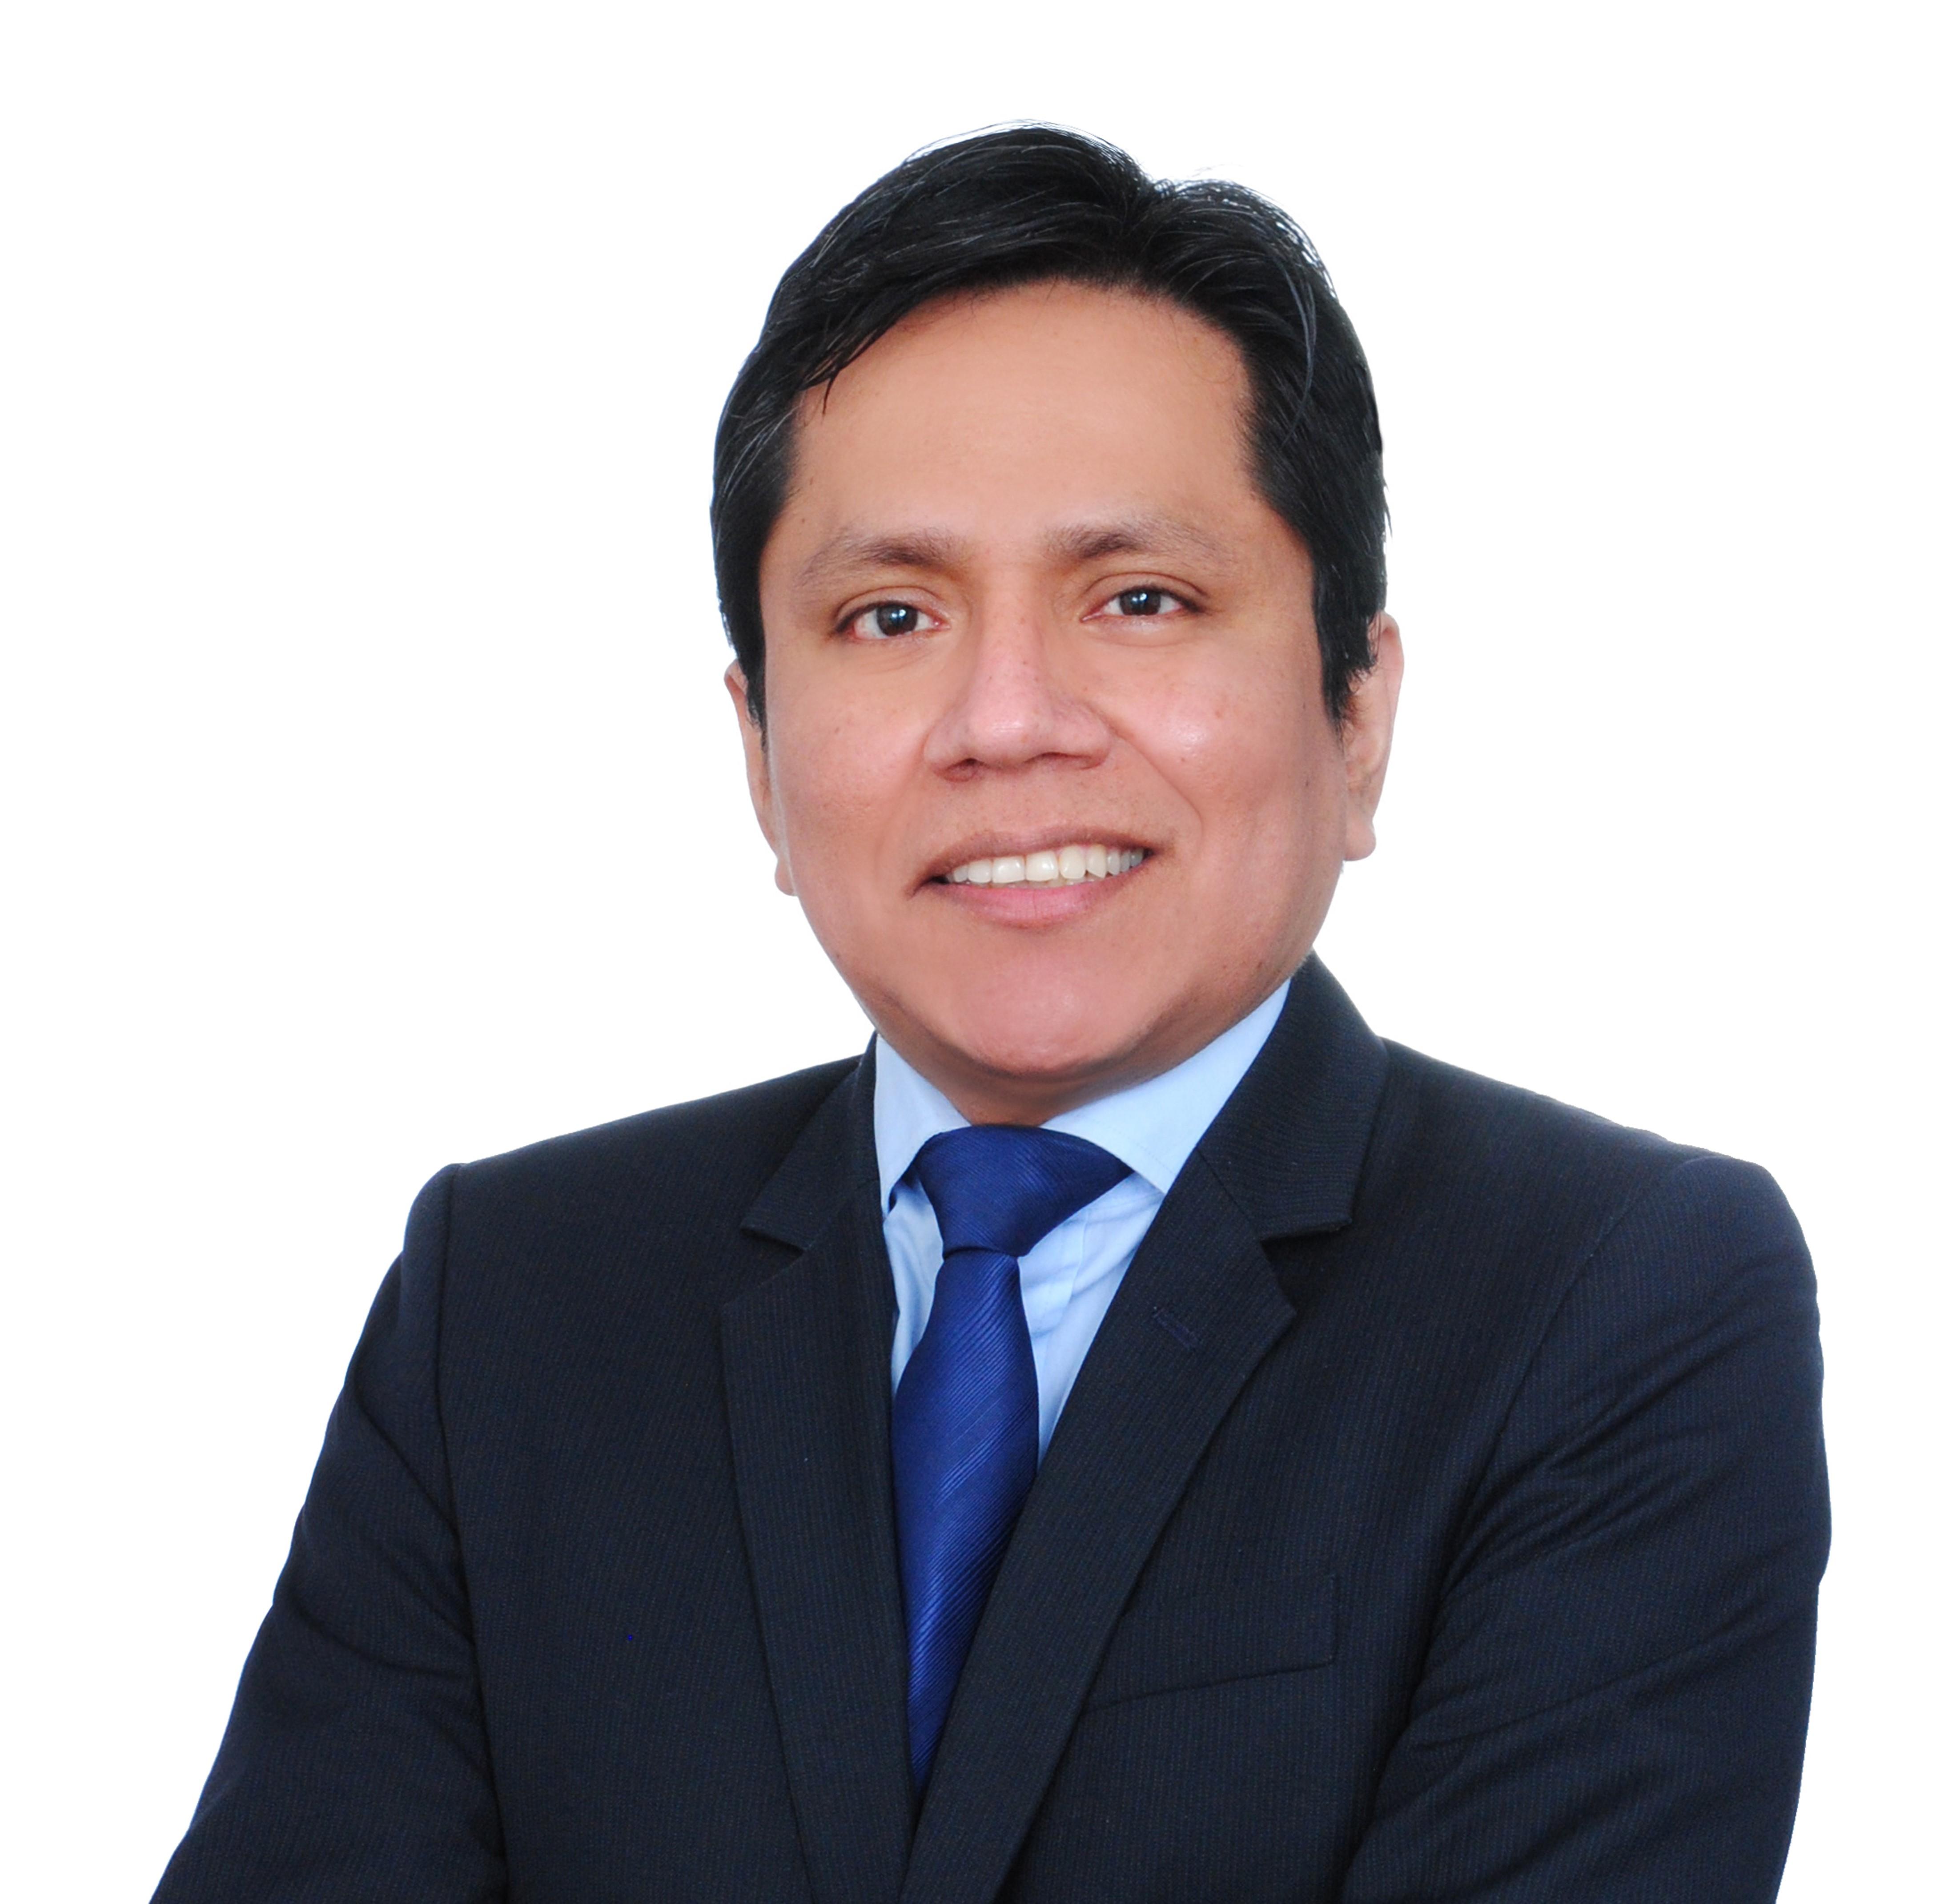 Carlos Zapata Valdivieso